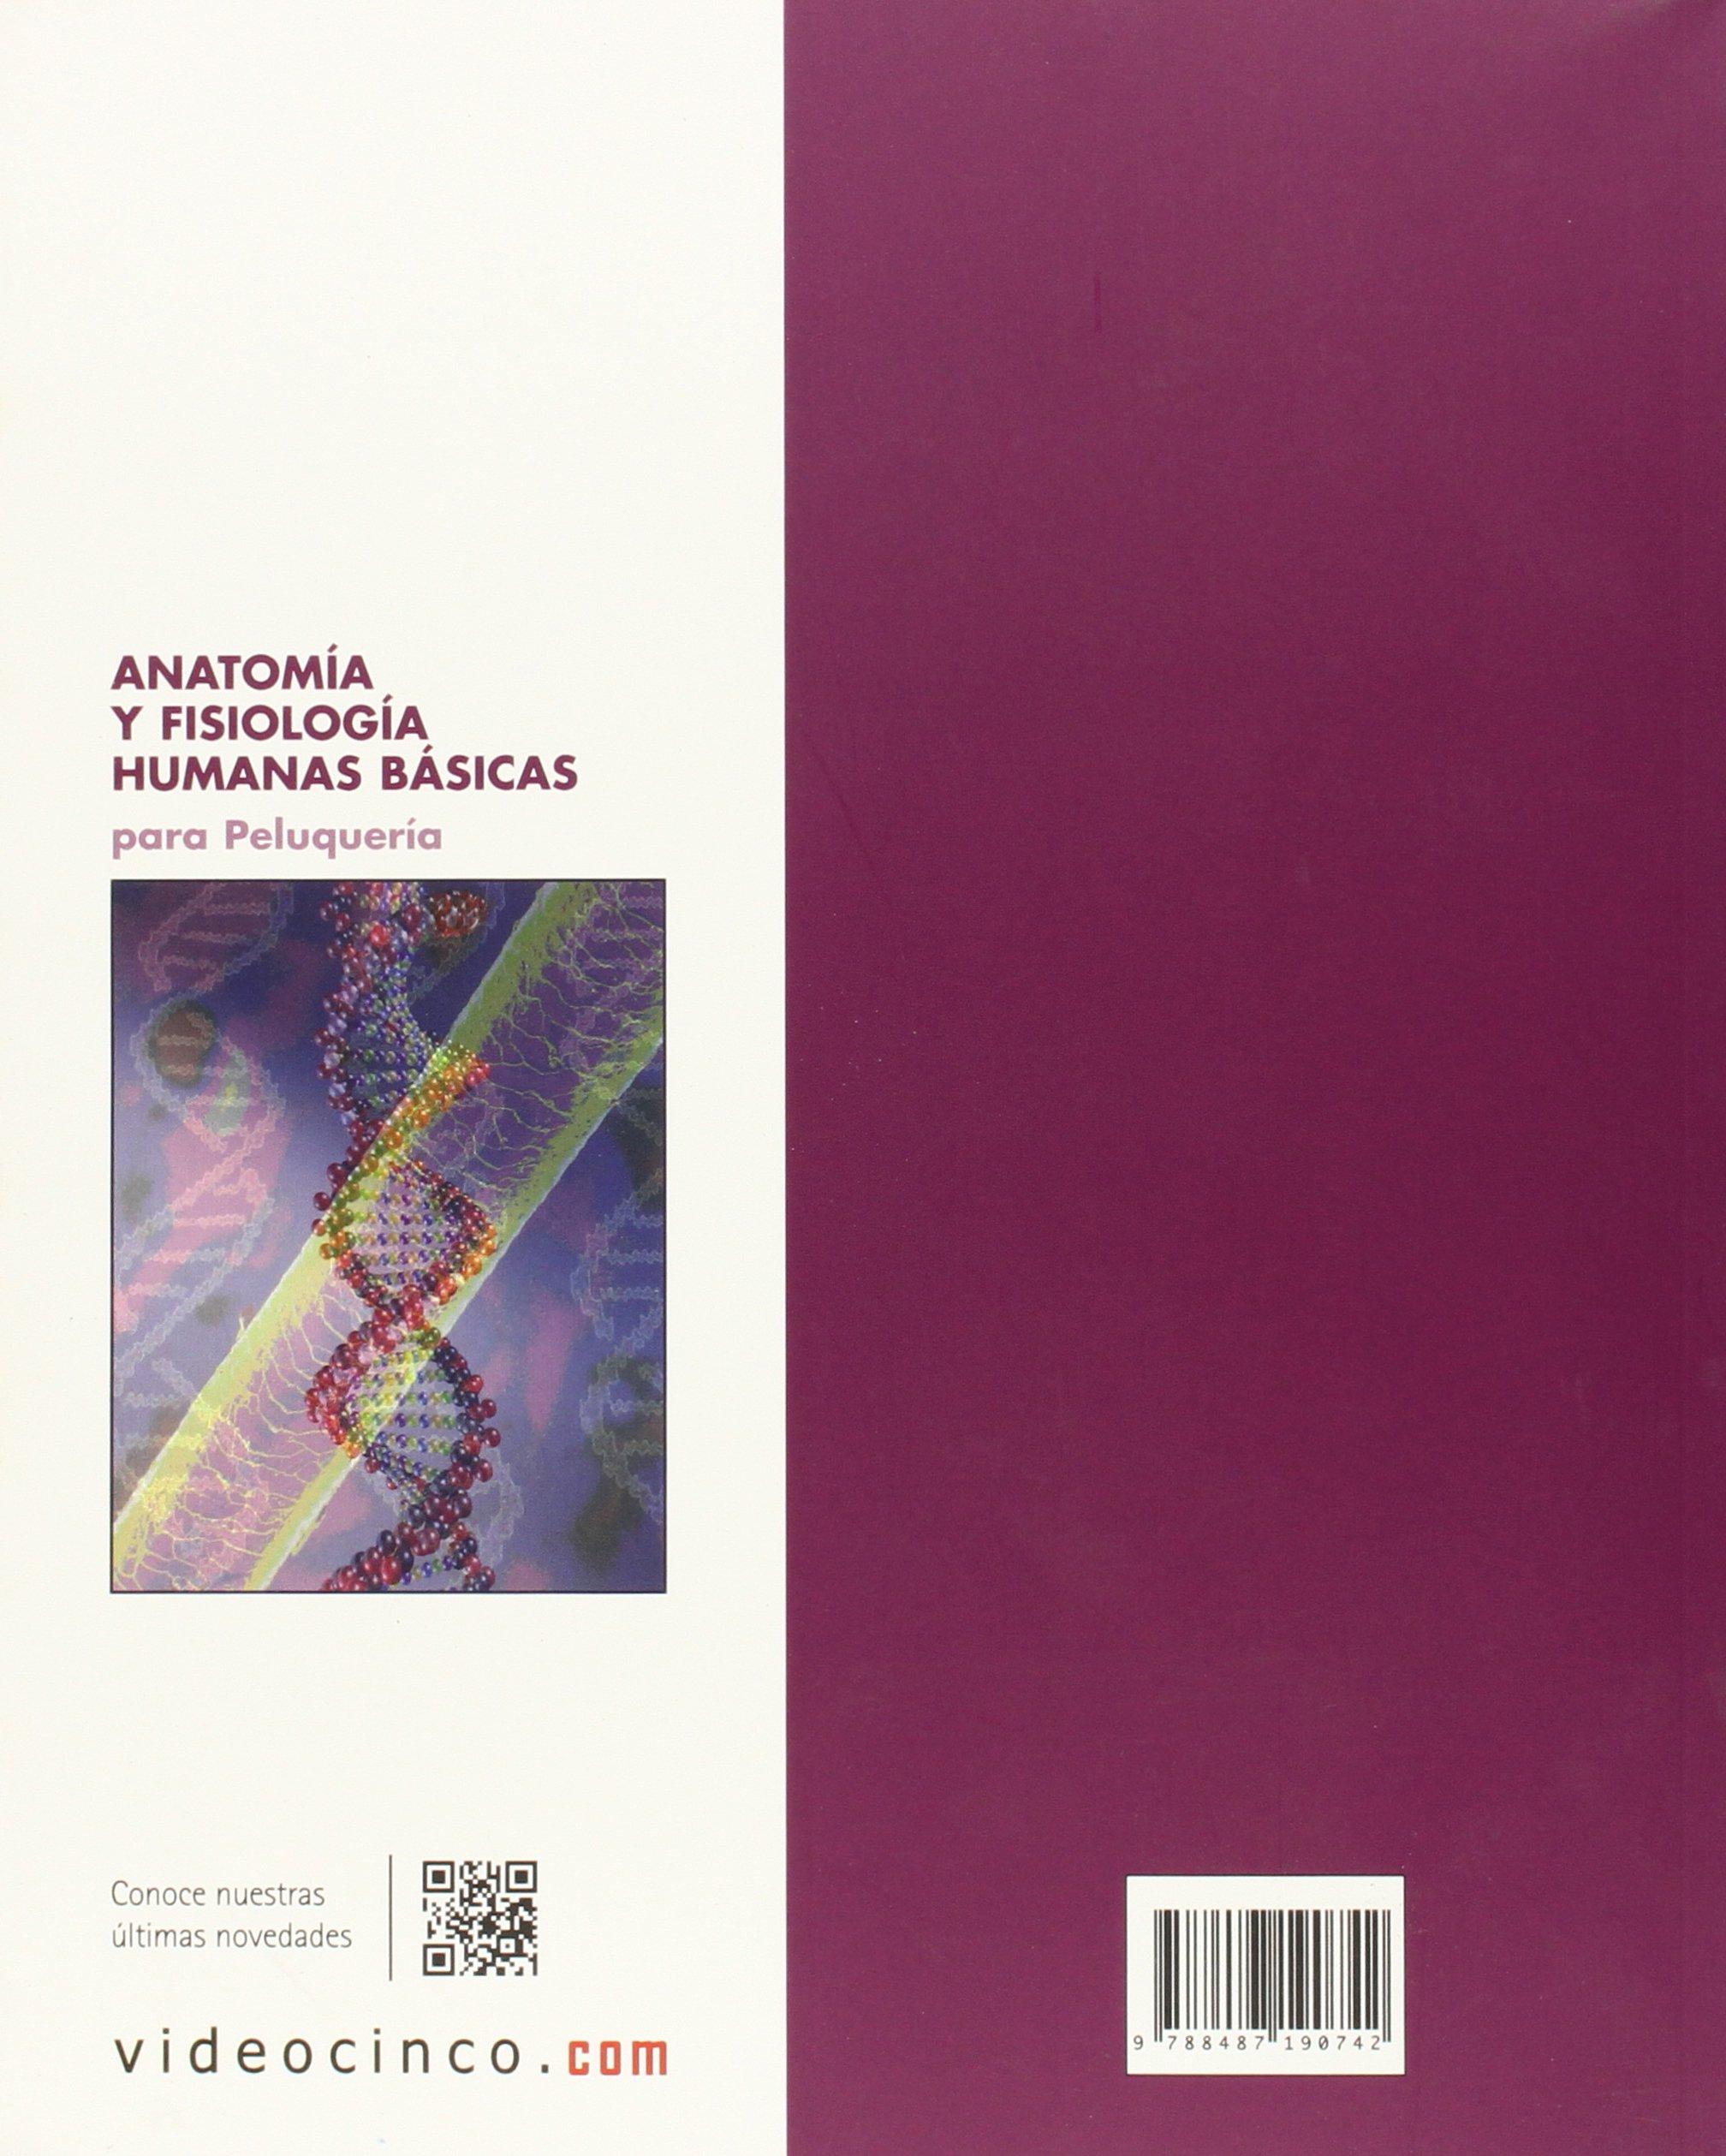 Anatomía y fisiología humanas básicas para peluquería: Amazon.es ...